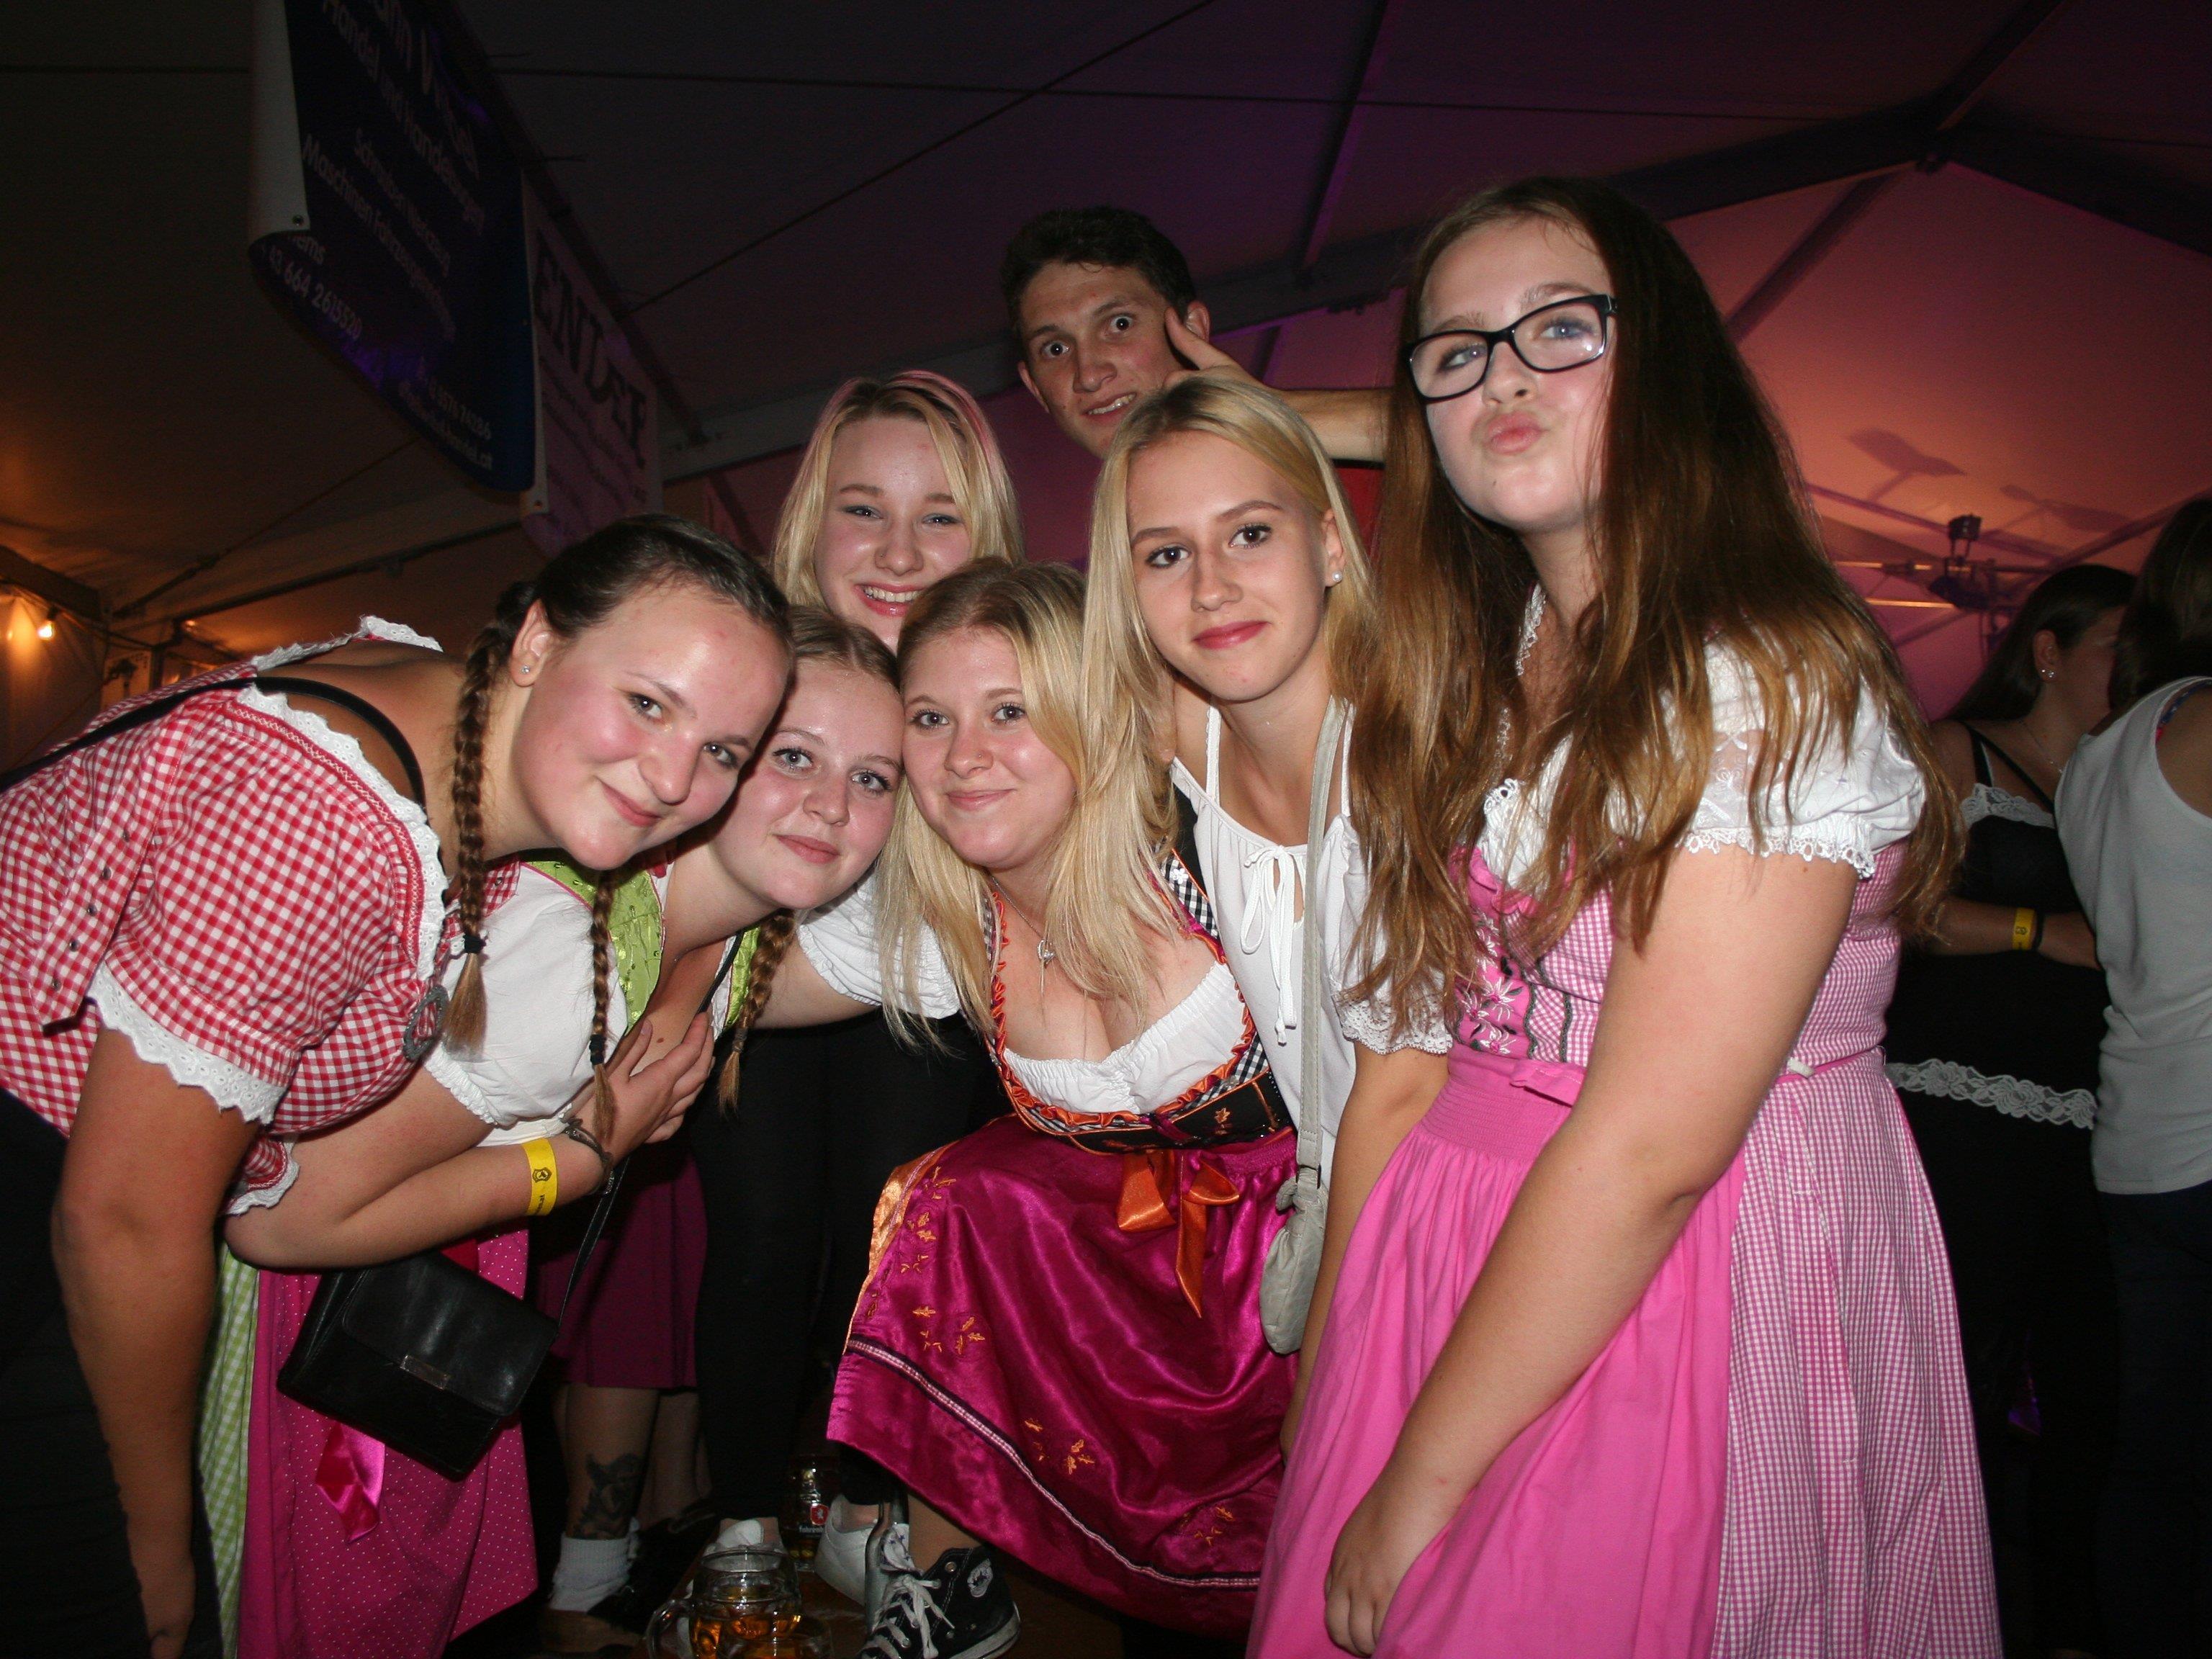 Auch diese Mädels hatten sichtlich viel Spaß.